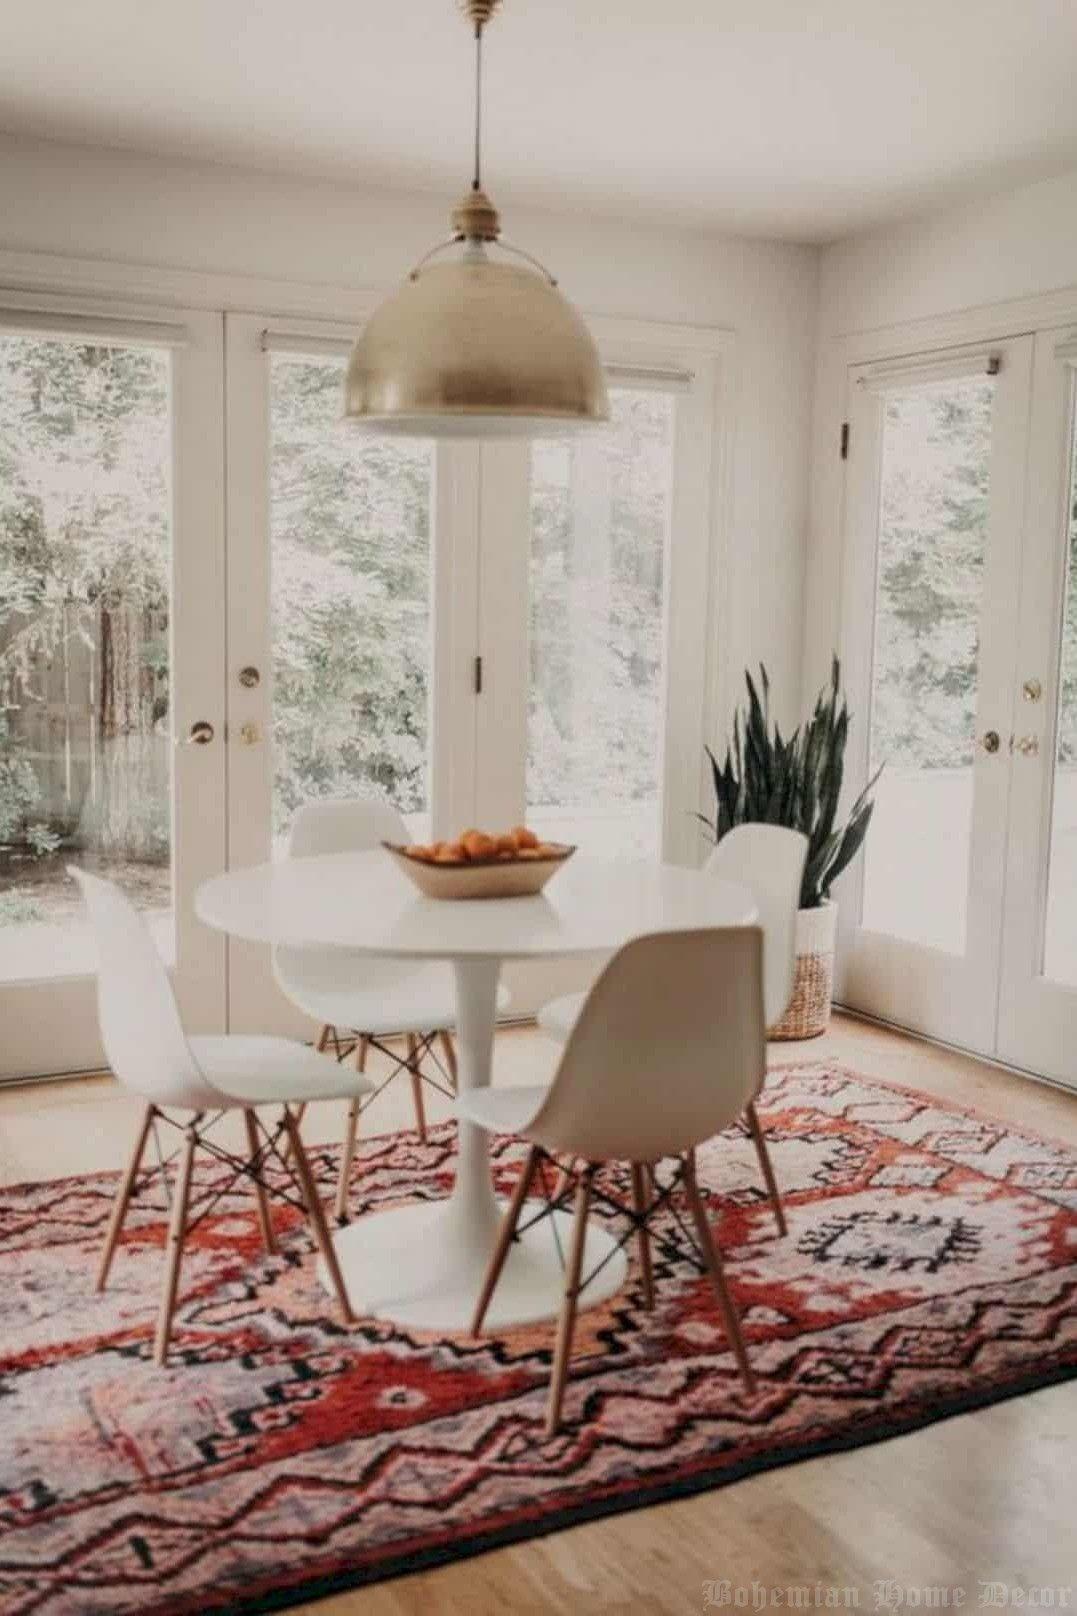 3 Bohemian Home Decor Secrets You Never Knew Oct 2020